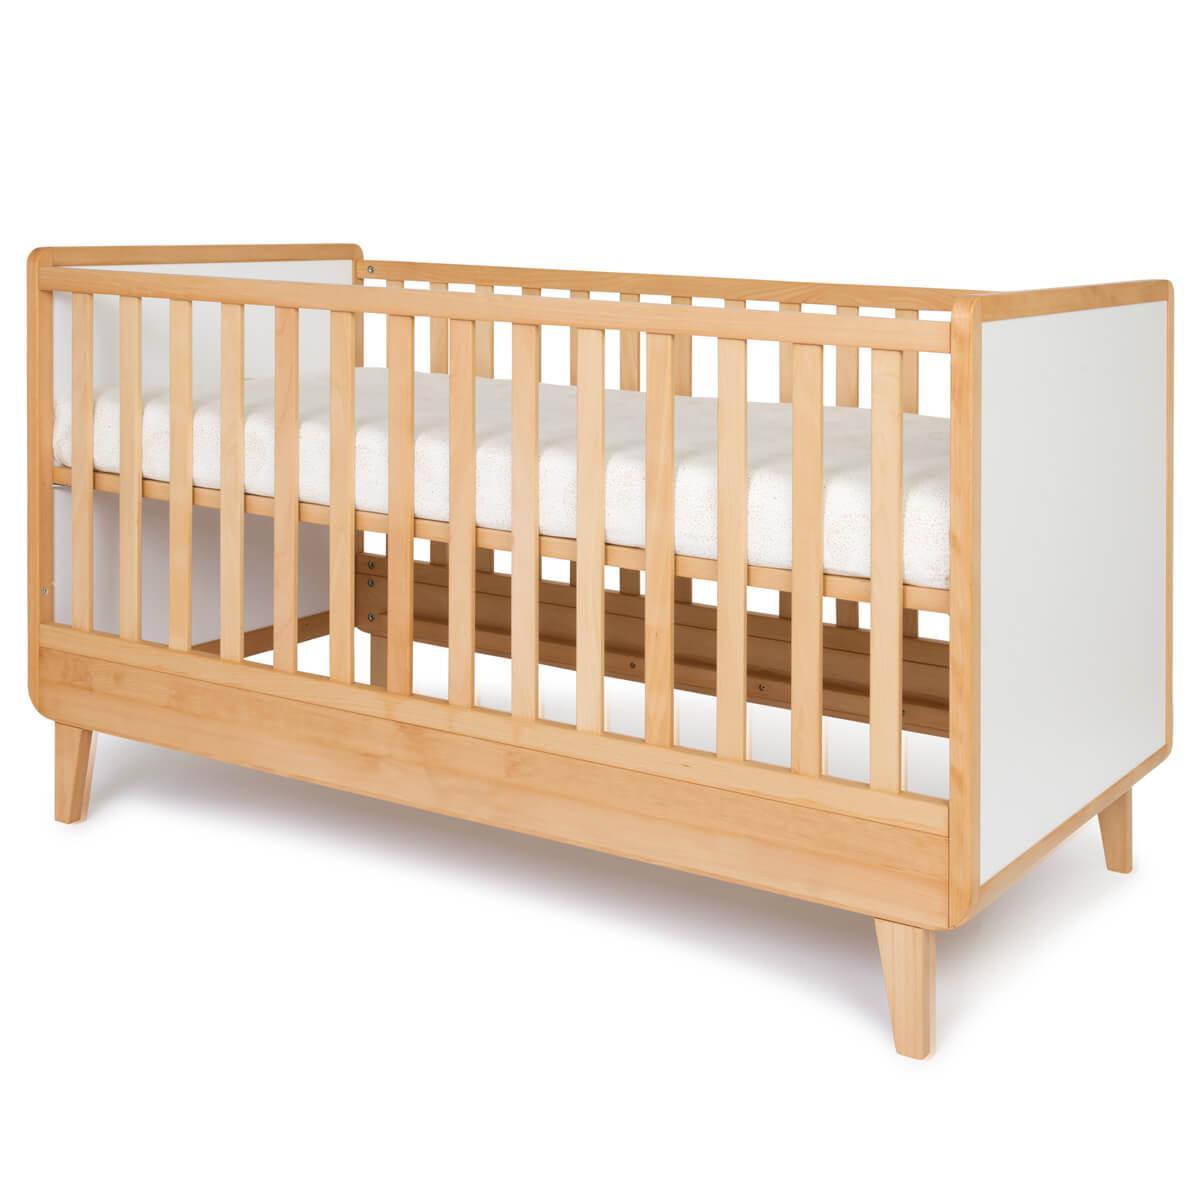 Babybett mitwachsend 70x140cm NADO By A.K.